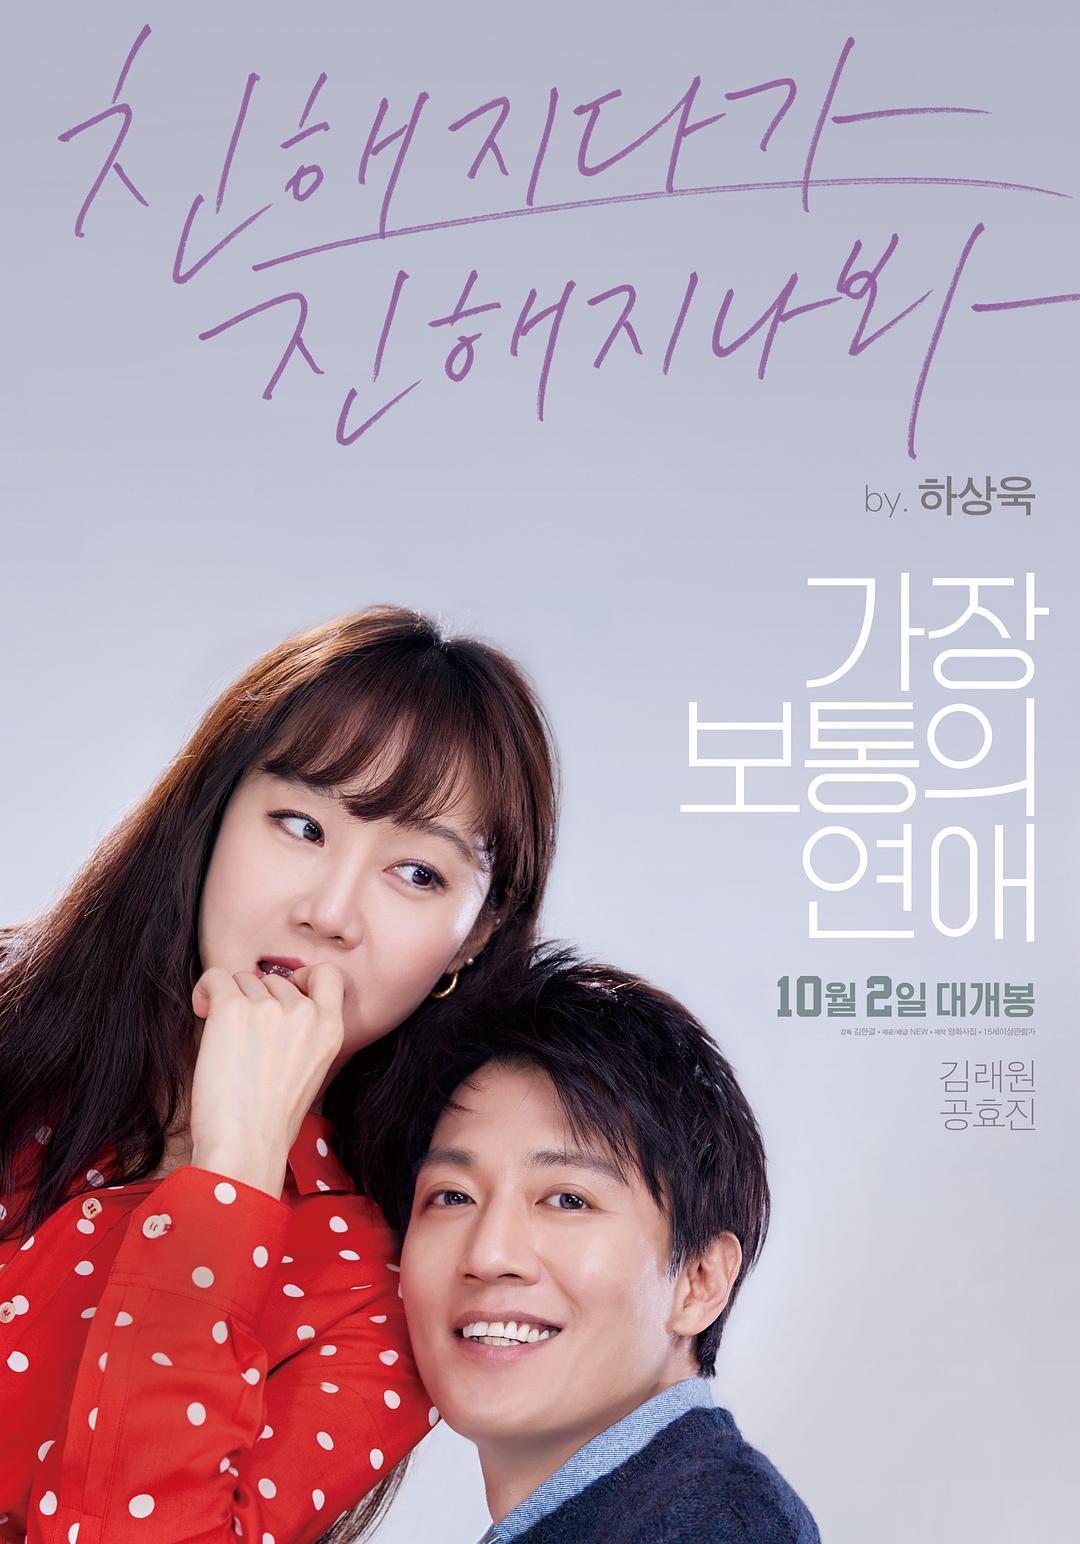 悠悠MP4_MP4电影下载_[最普通的恋爱][BD-MKV/10.45GB][简繁字幕][1080P][爱情,韩国,喜剧,治愈,温情]